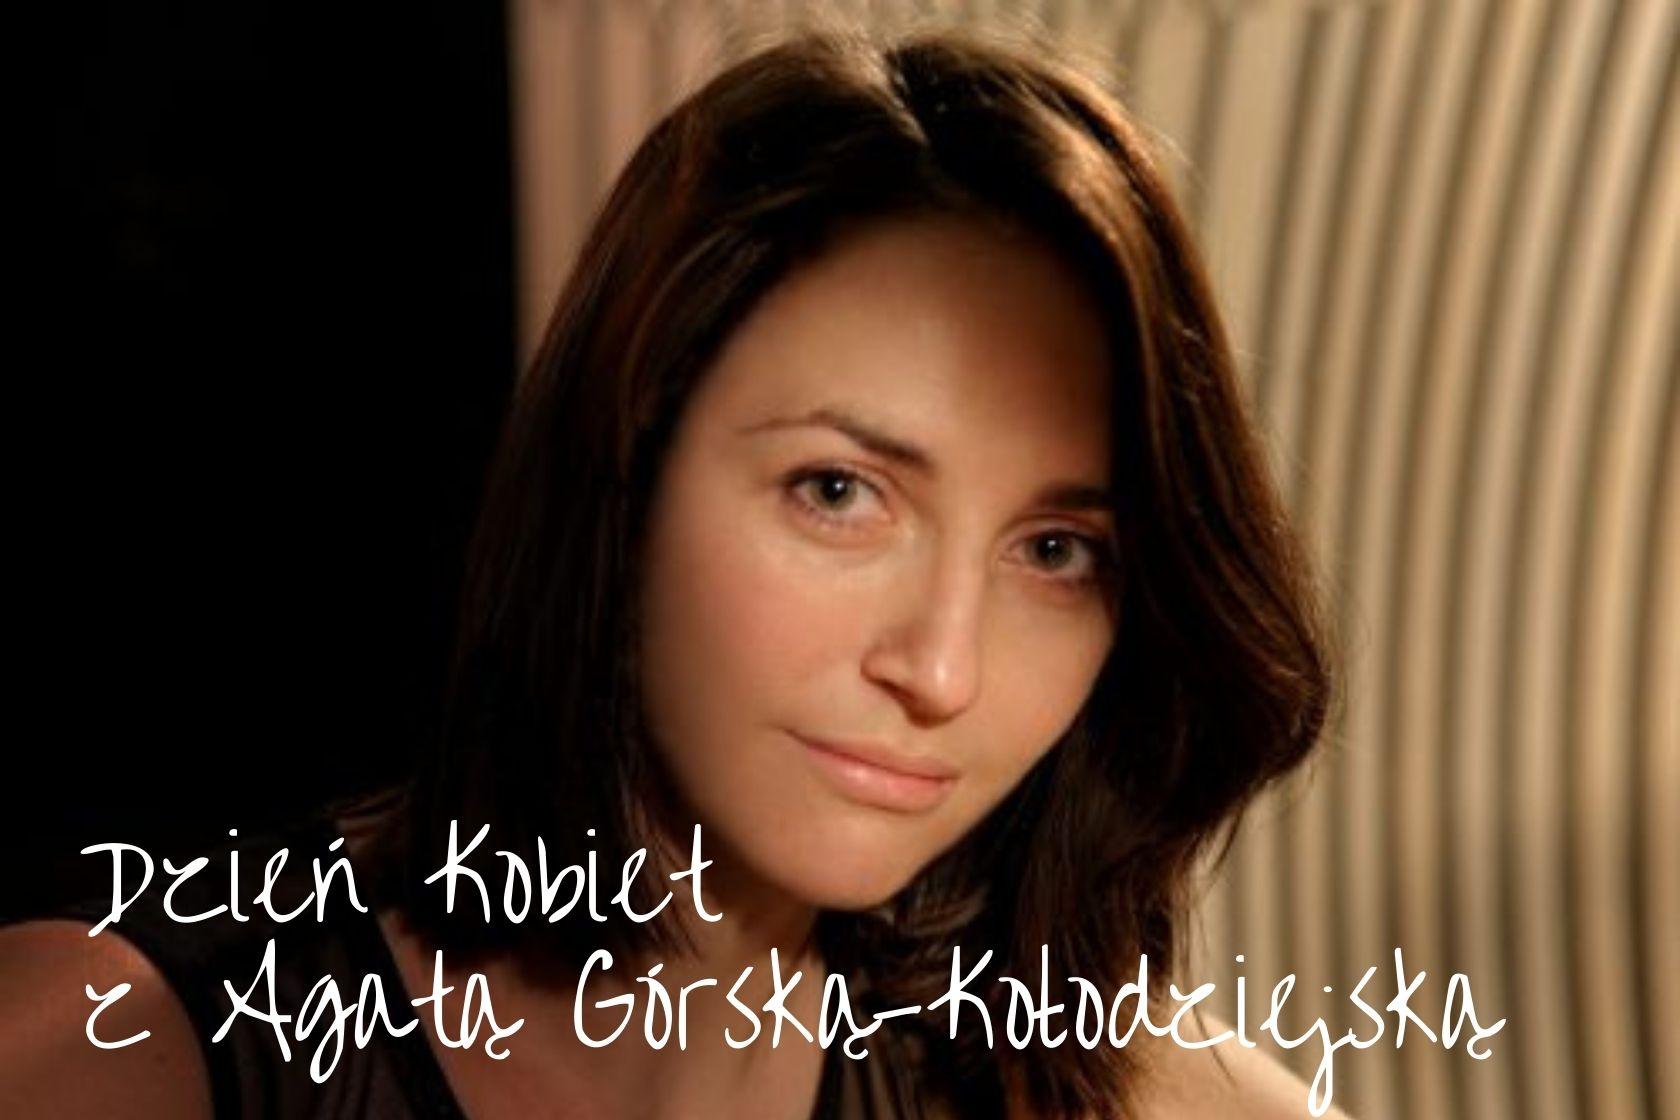 Agata Górska-Kołodziejska, Dzień Kobiet, muzyka